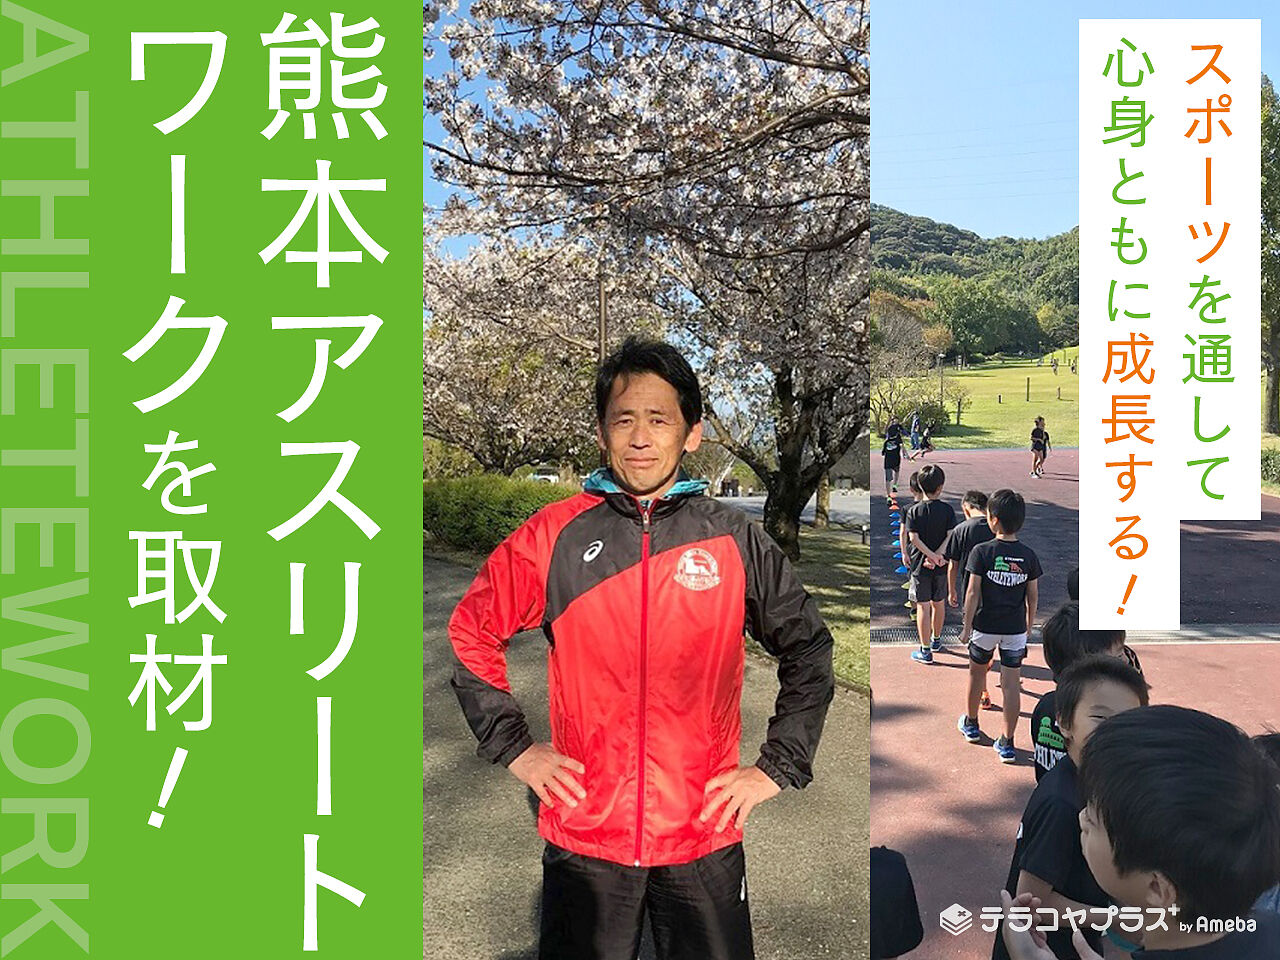 運動の楽しさを伝えるNPO法人「熊本アスリートワーク」を取材!心身の成長につながる取り組みとはの画像